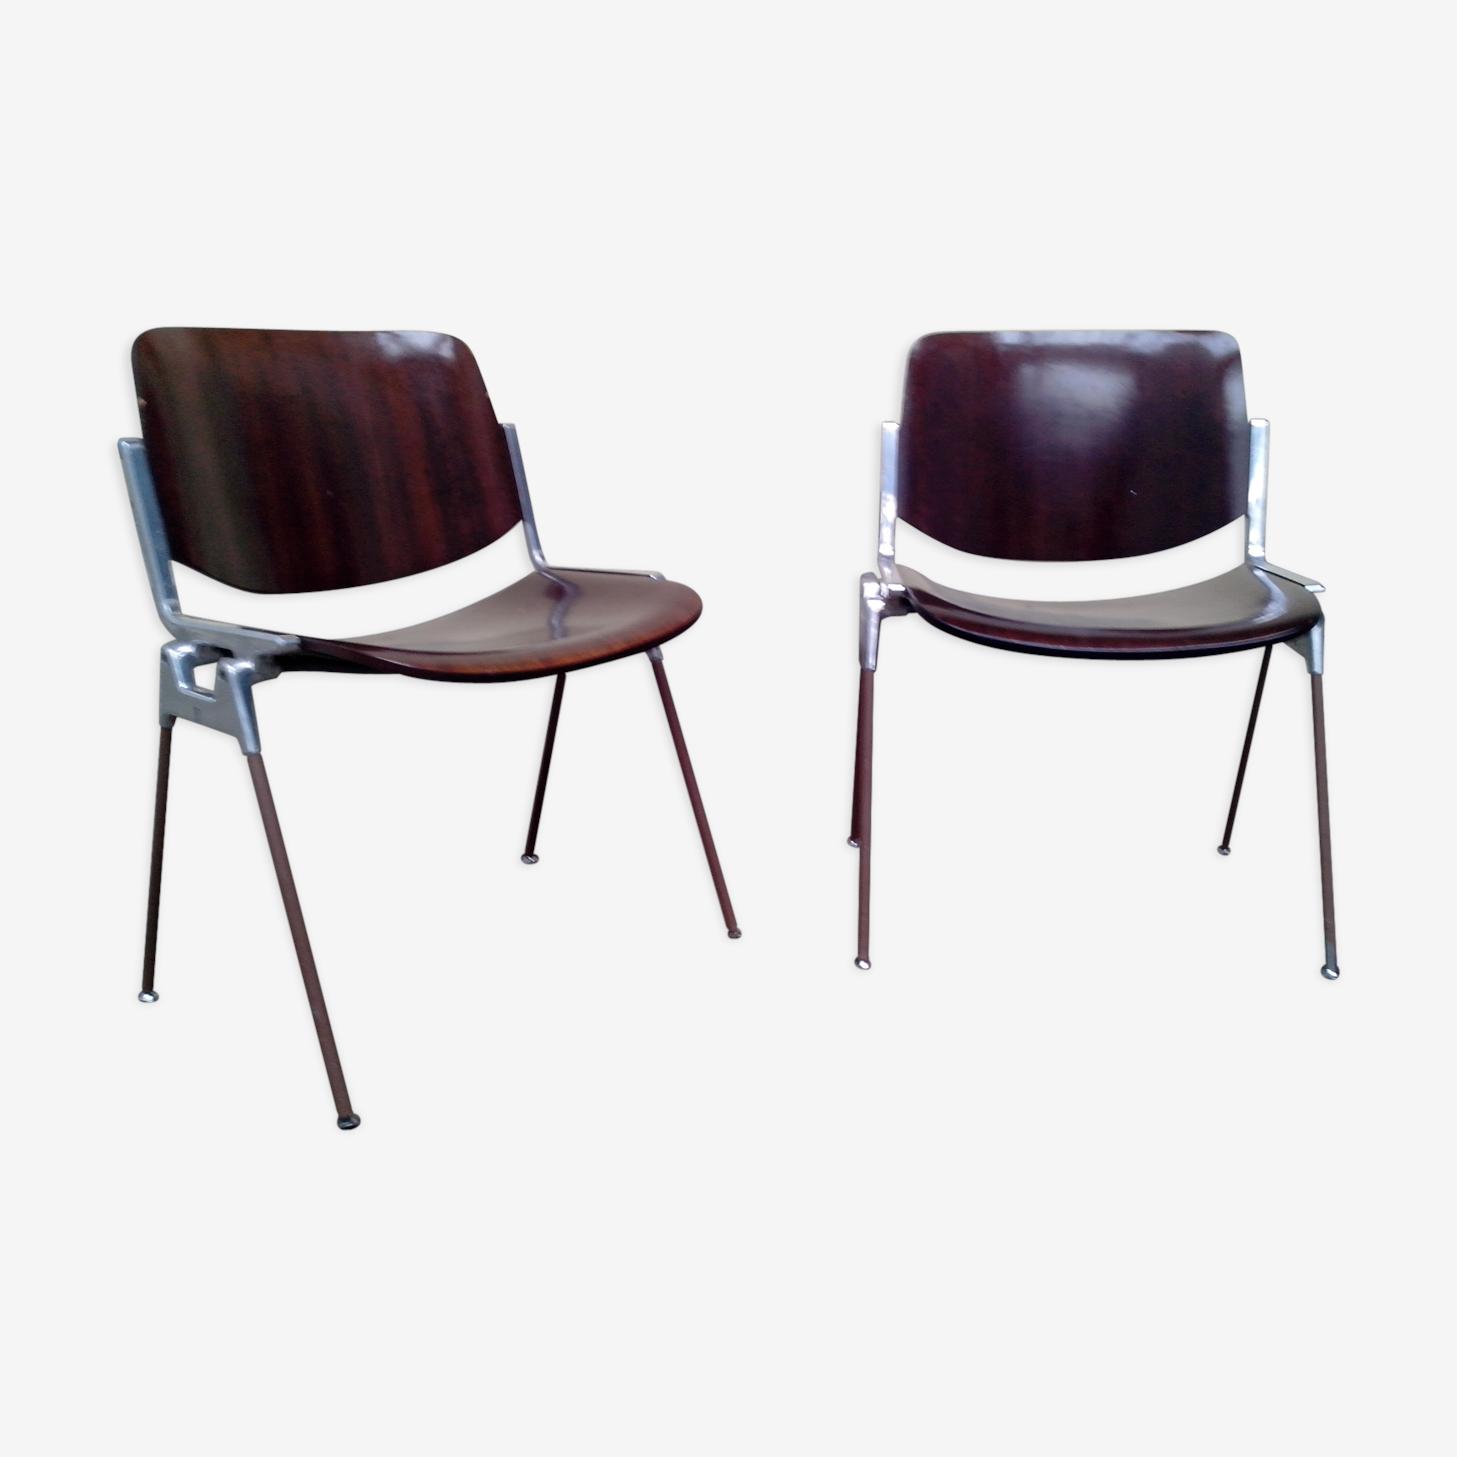 Paire de chaises castelli design 1970